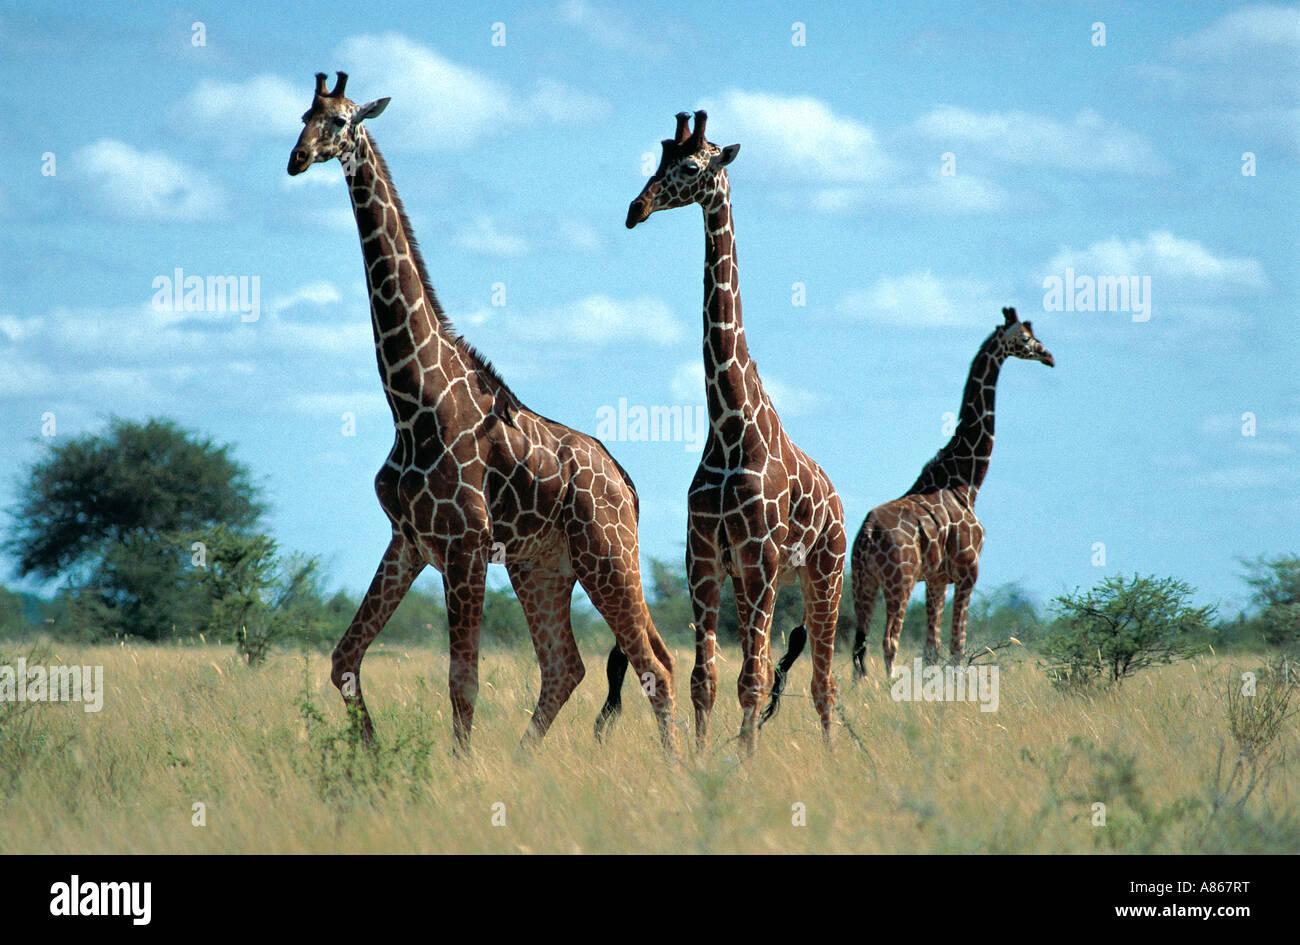 Three Reticulated Giraffe Meru National Park Kenya - Stock Image